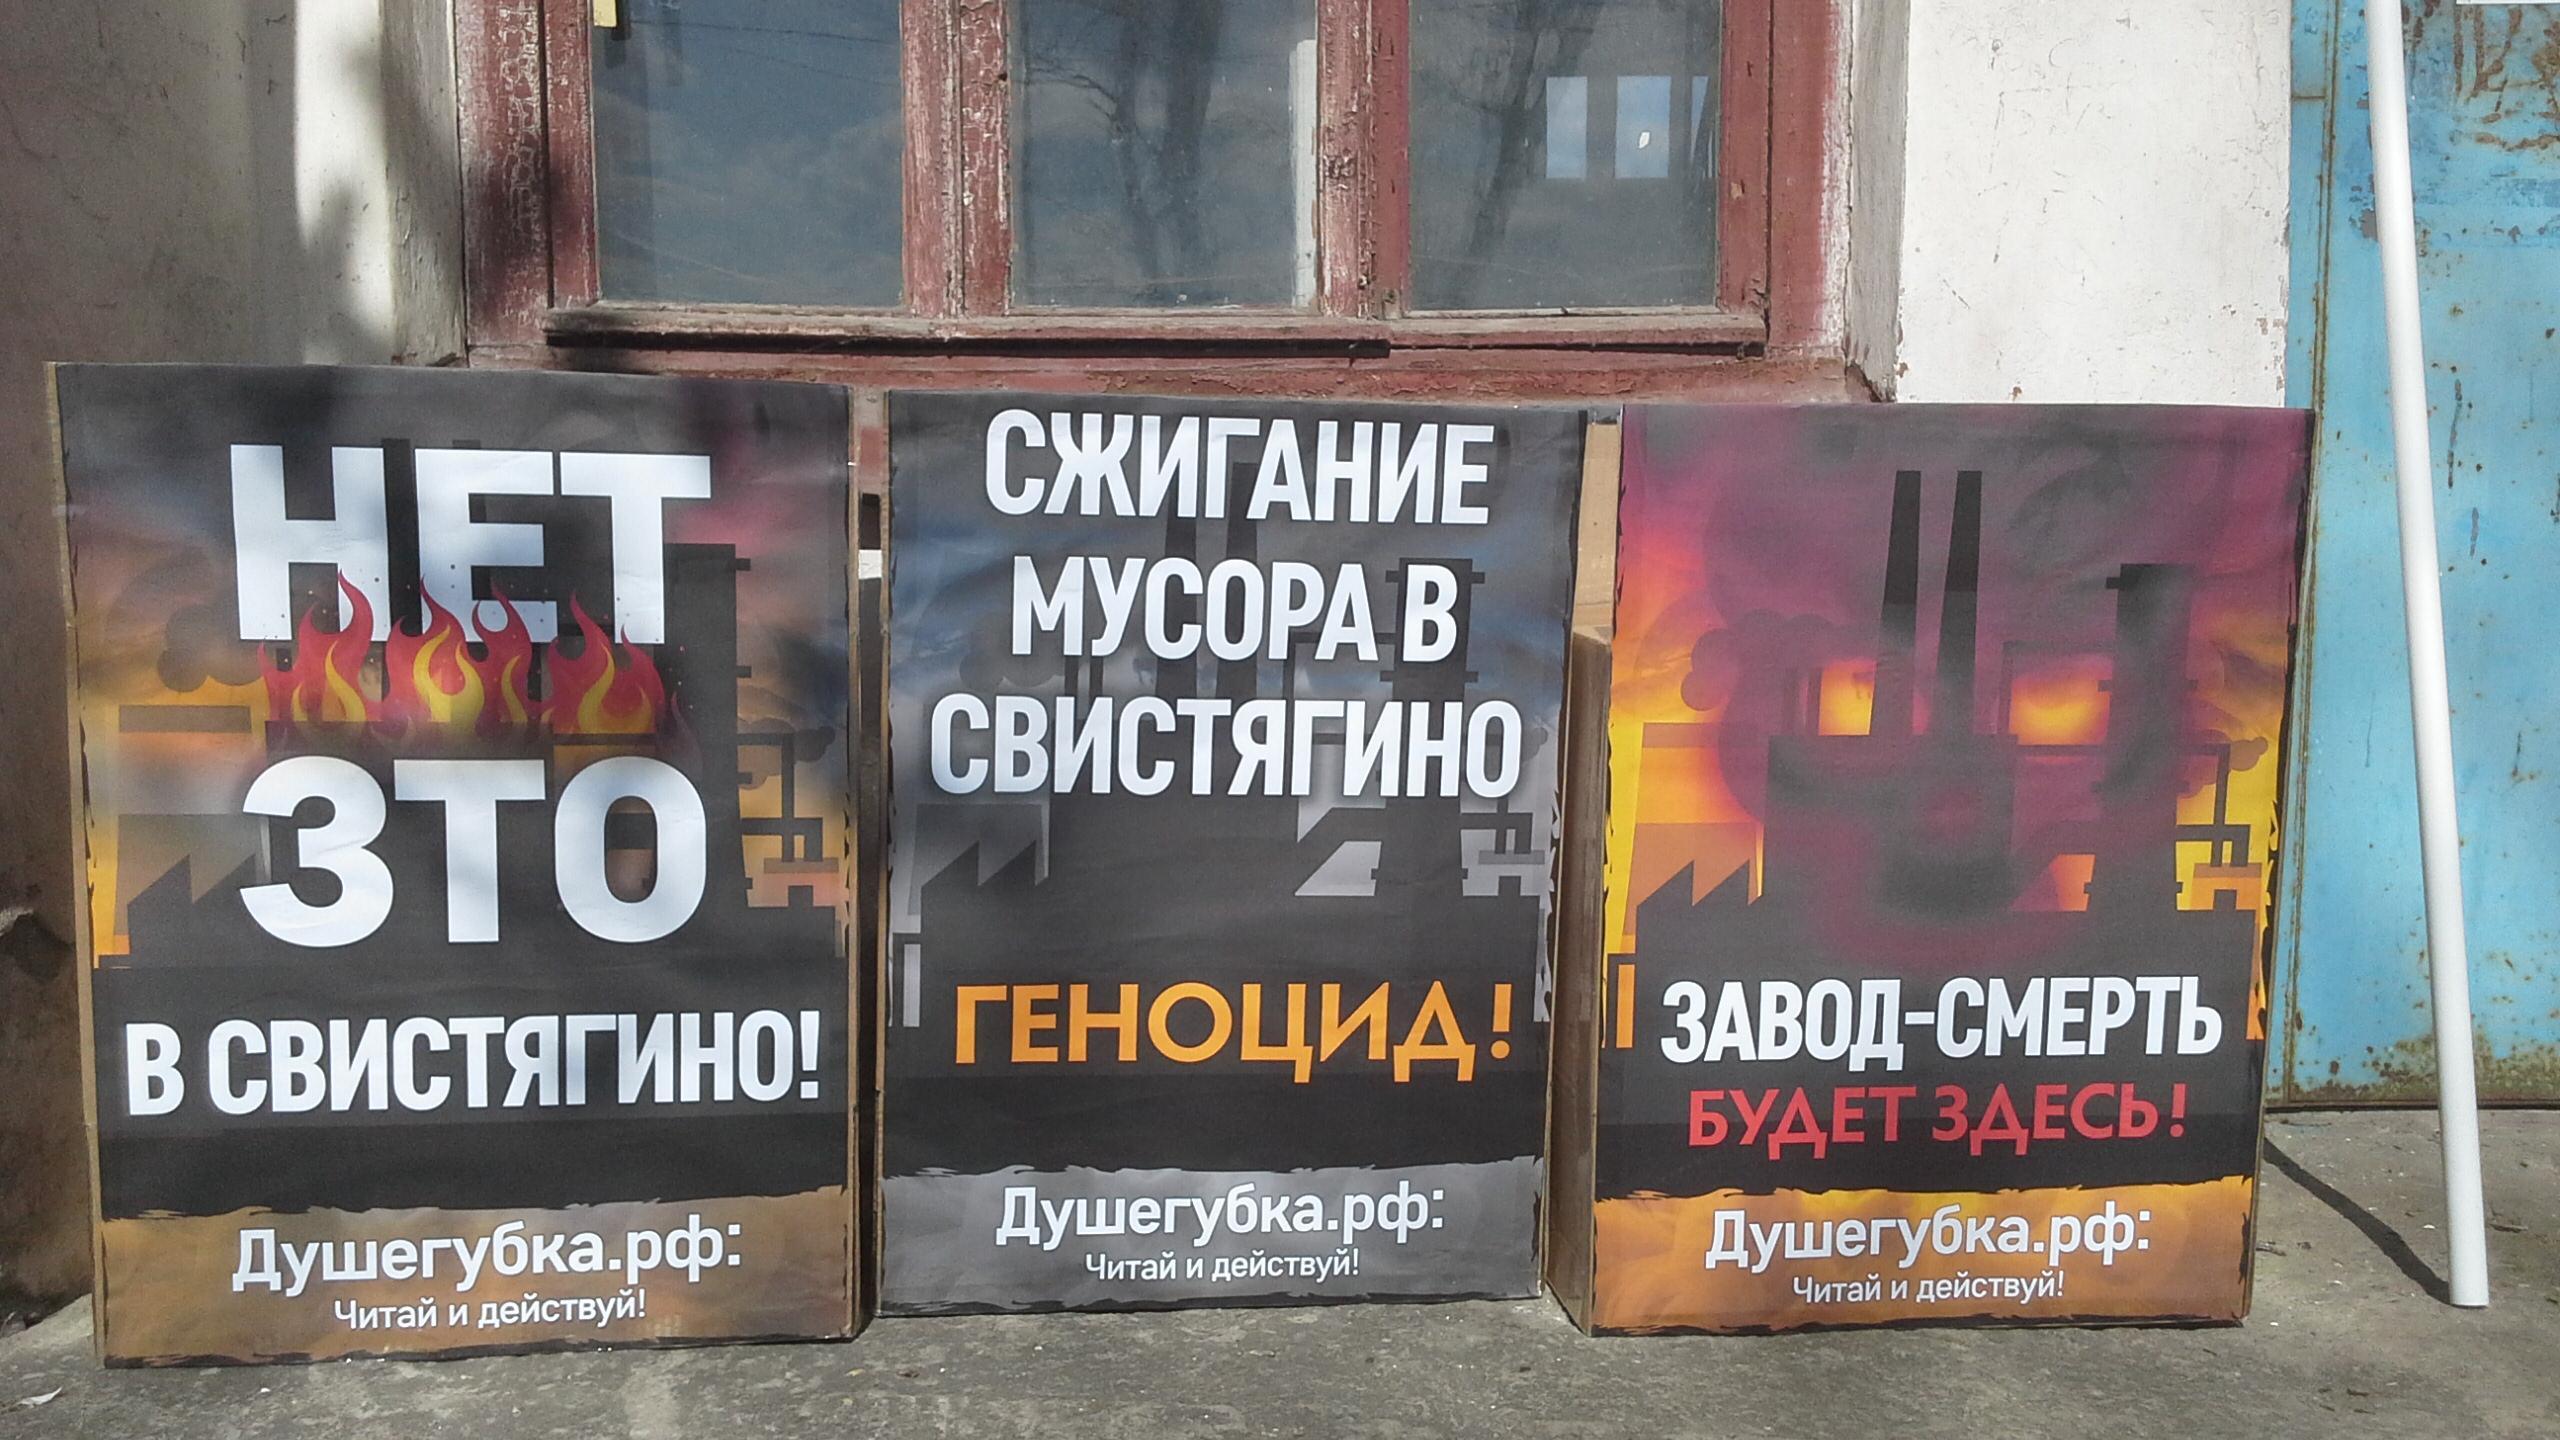 ВПодмосковье протестующие против возведения завода перекрыли дорогу